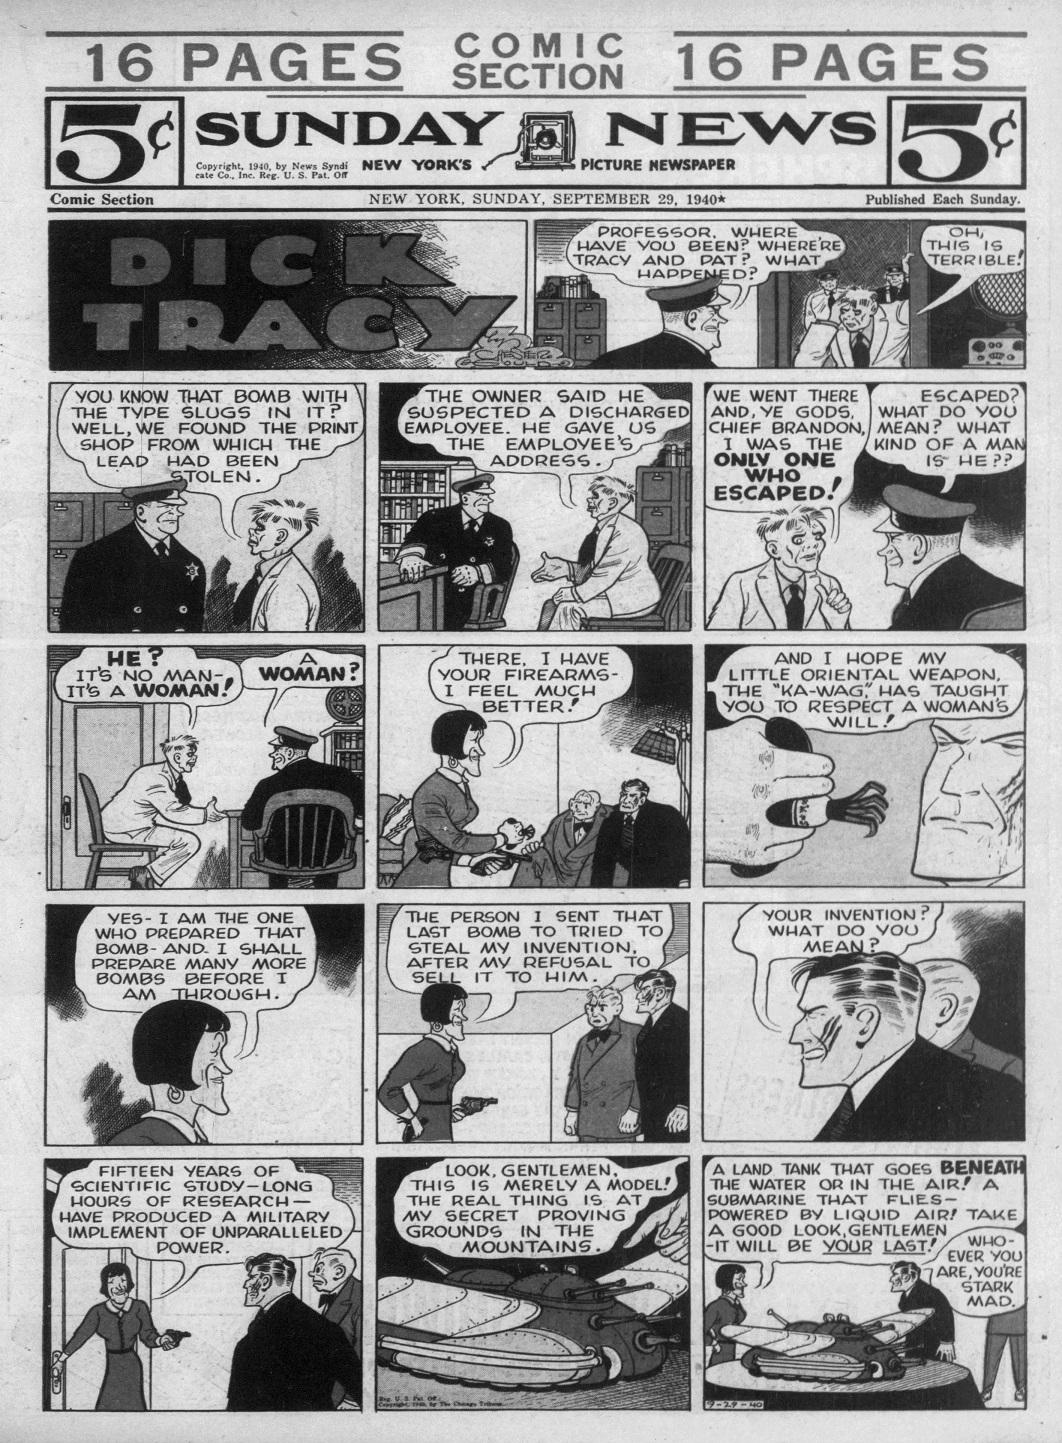 Daily_News_Sun__Sep_29__1940_(4).jpg